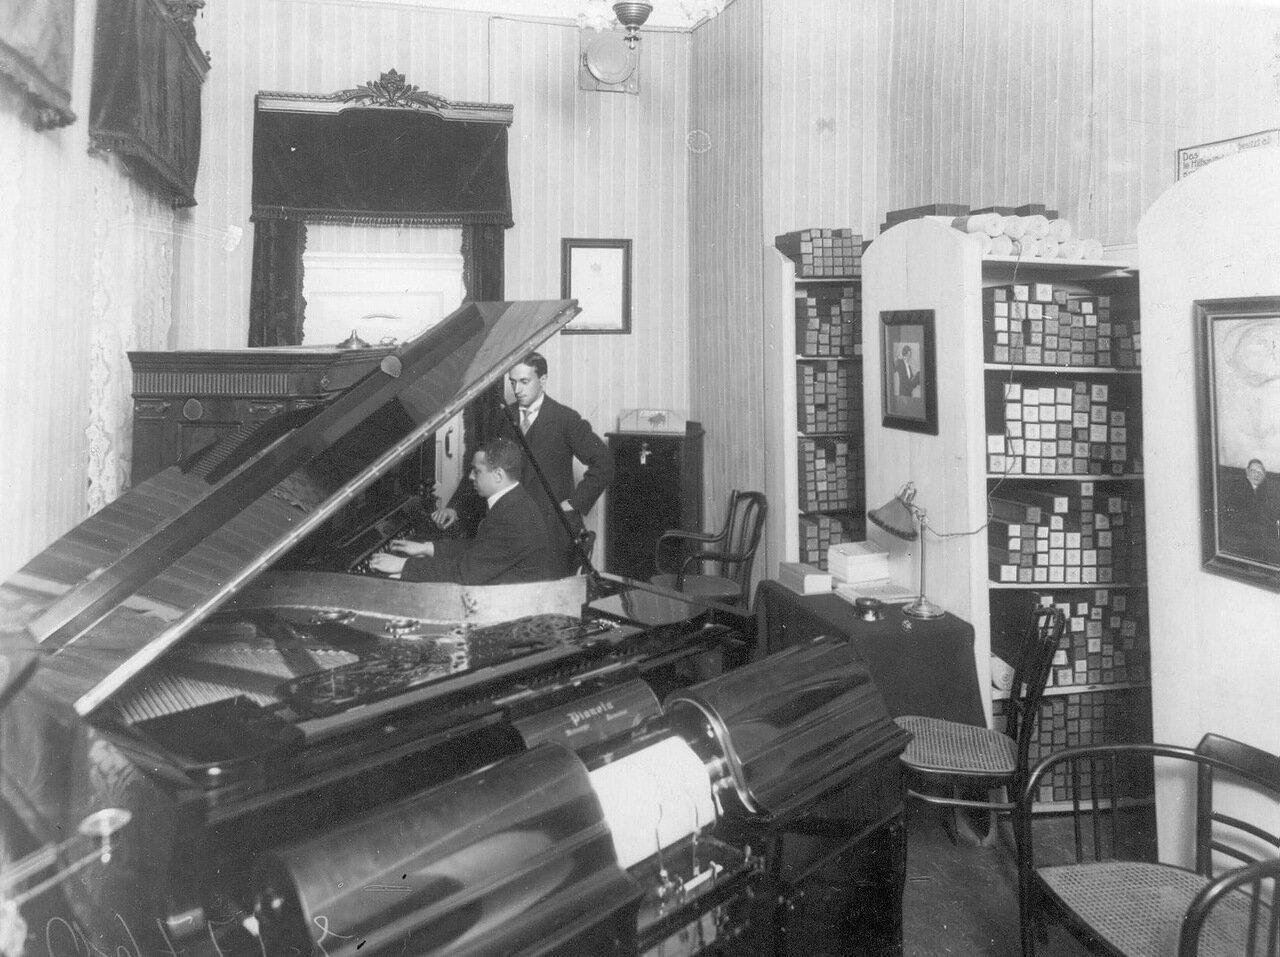 02. Продажа фортепиано в магазине музыкальных инструментов торгового дома «Юлий Генрих Циммерман». 1910-е